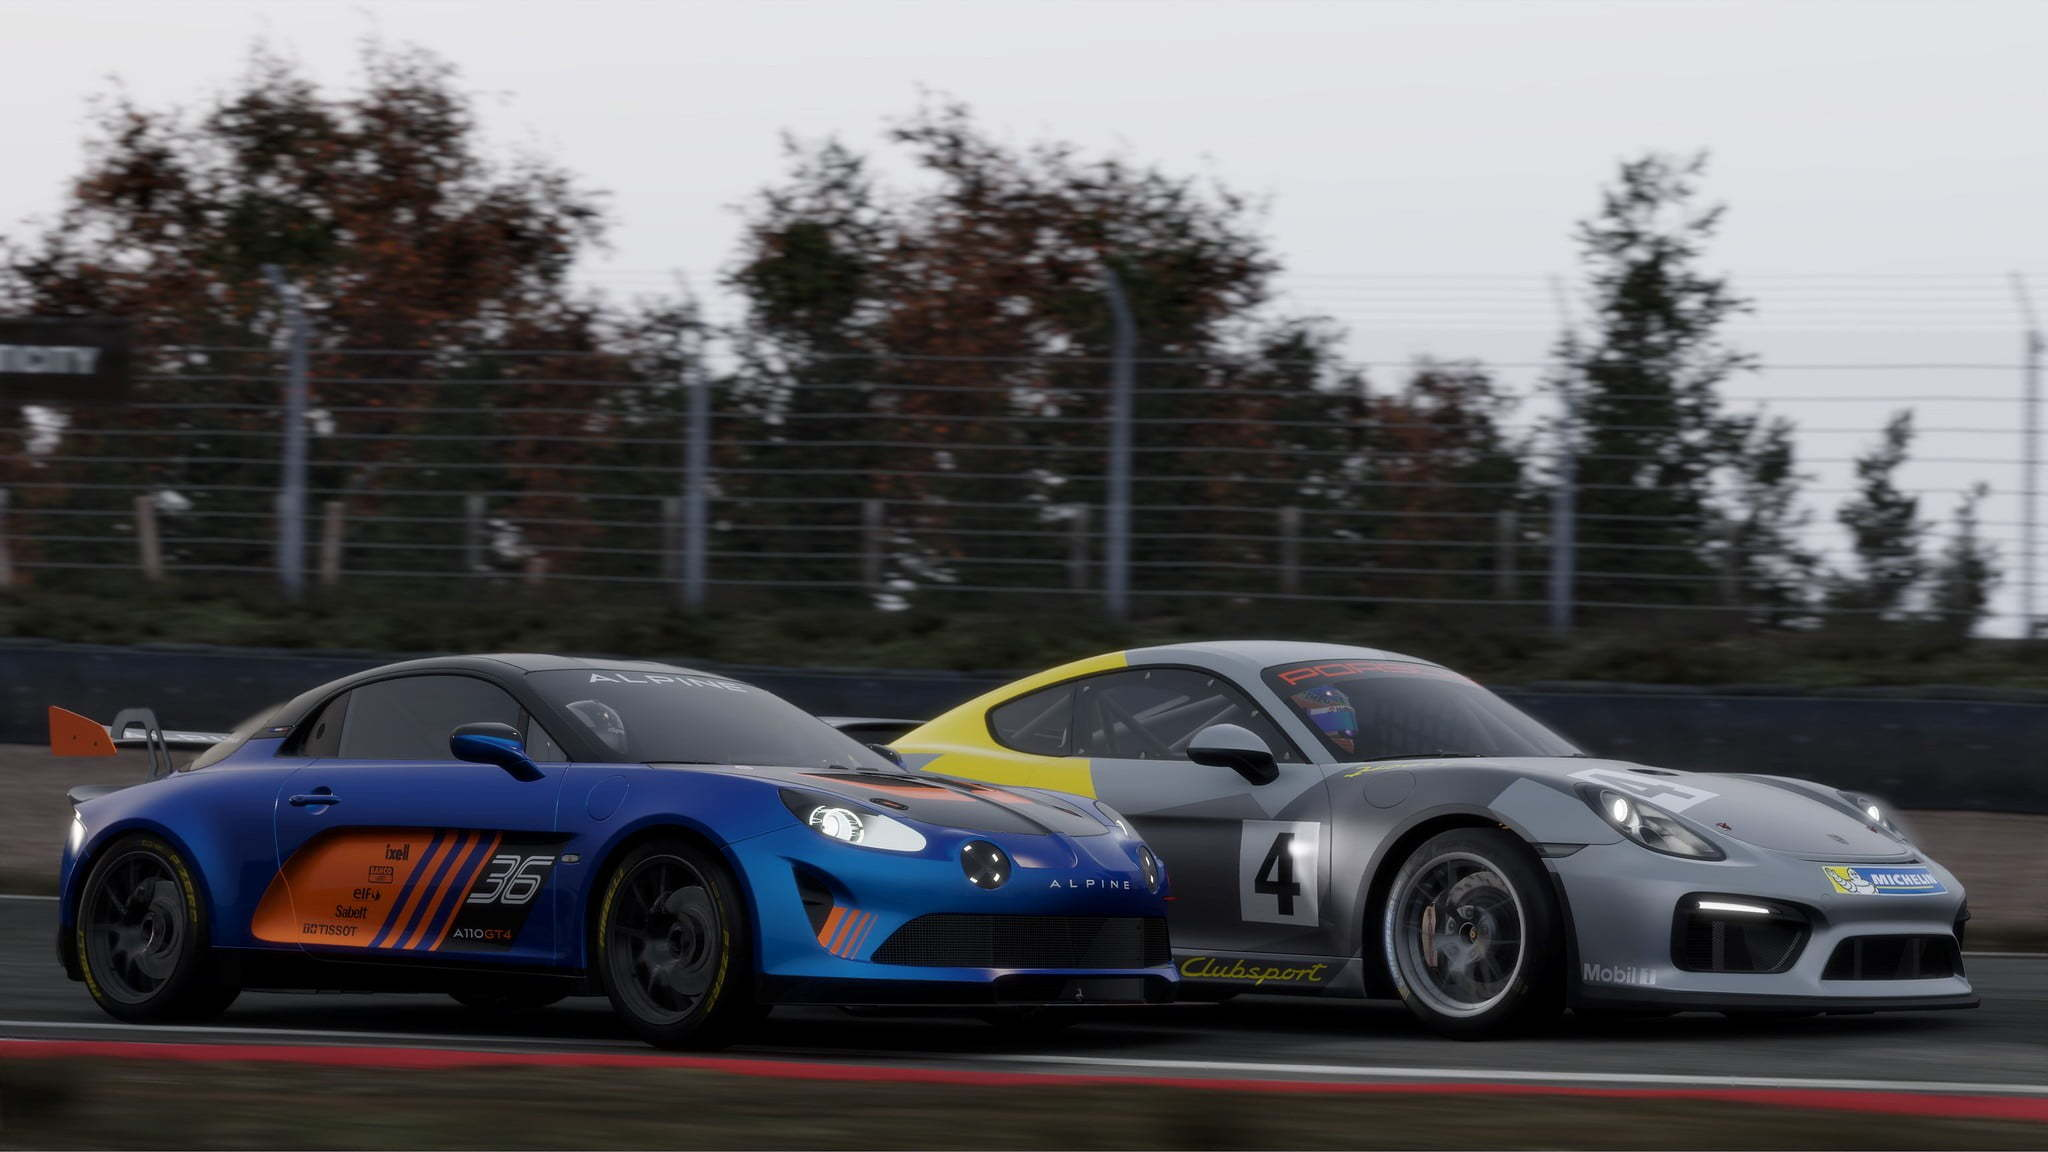 Alpine A110 GT4 Project cars 3 2020 | Project Cars 3: Alpine A110S et GT4 au programme